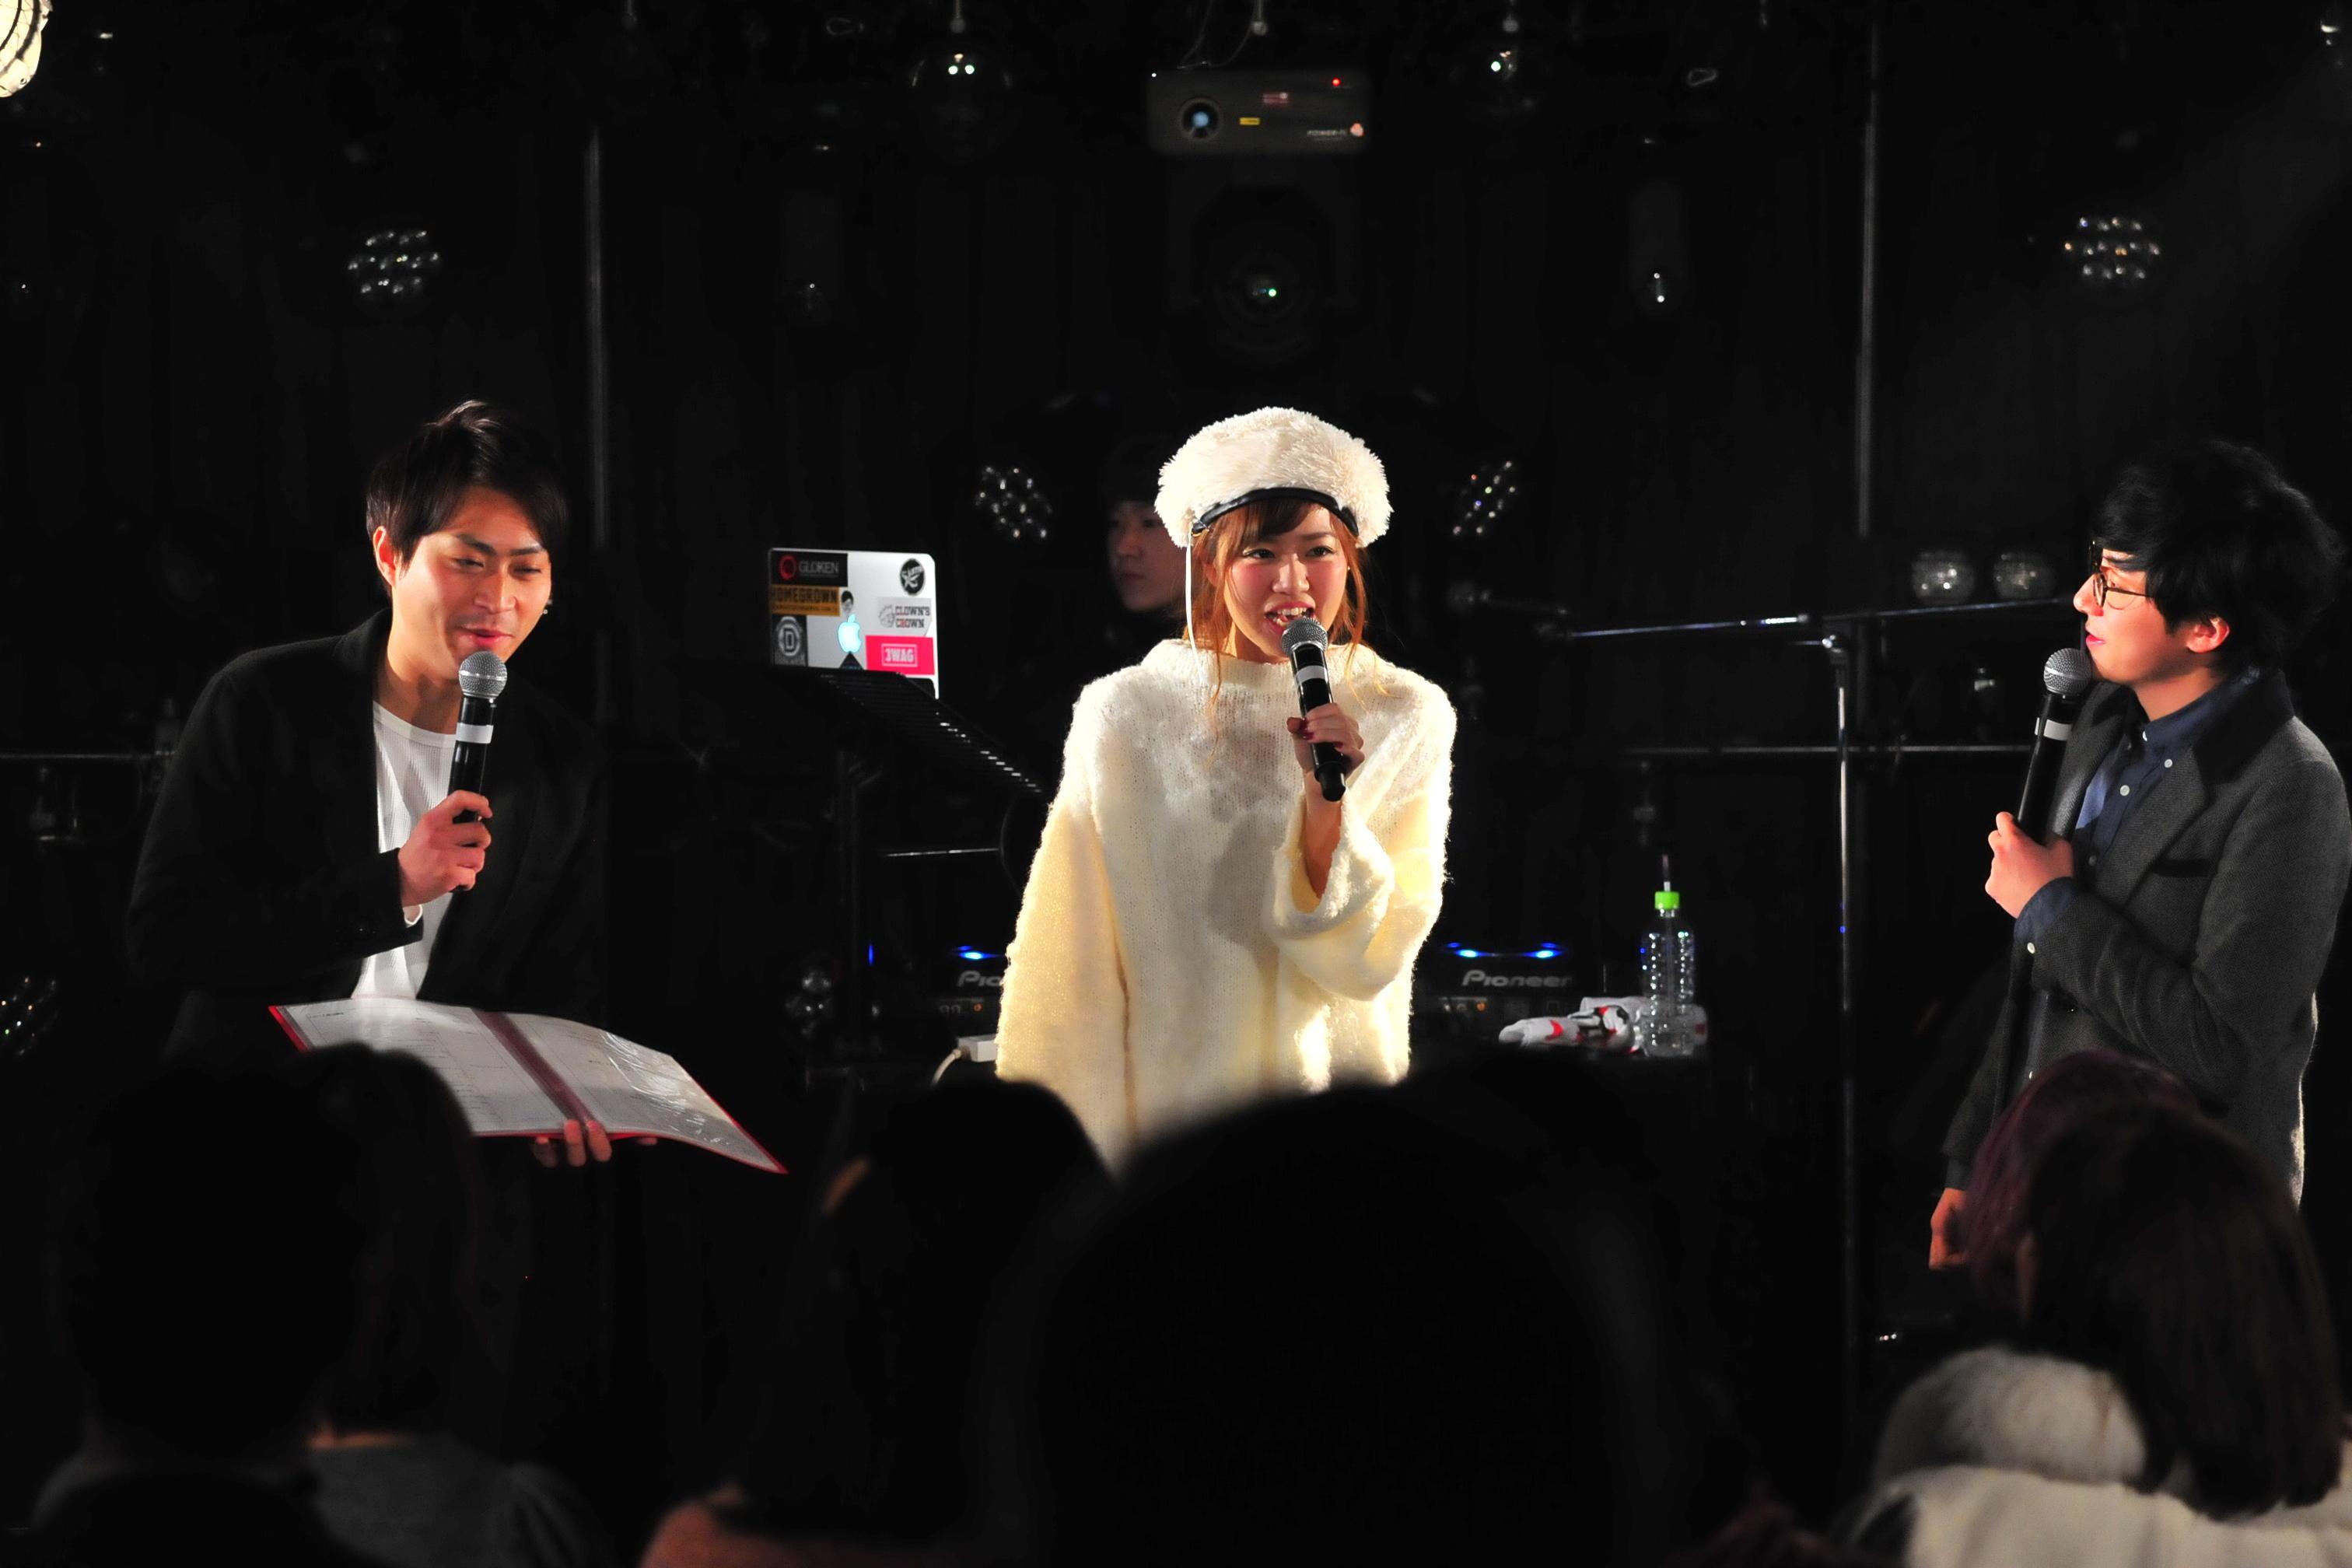 http://news.yoshimoto.co.jp/20170125192516-459673b7e9d539a3f230fe5ccafcedb7ff742026.jpg